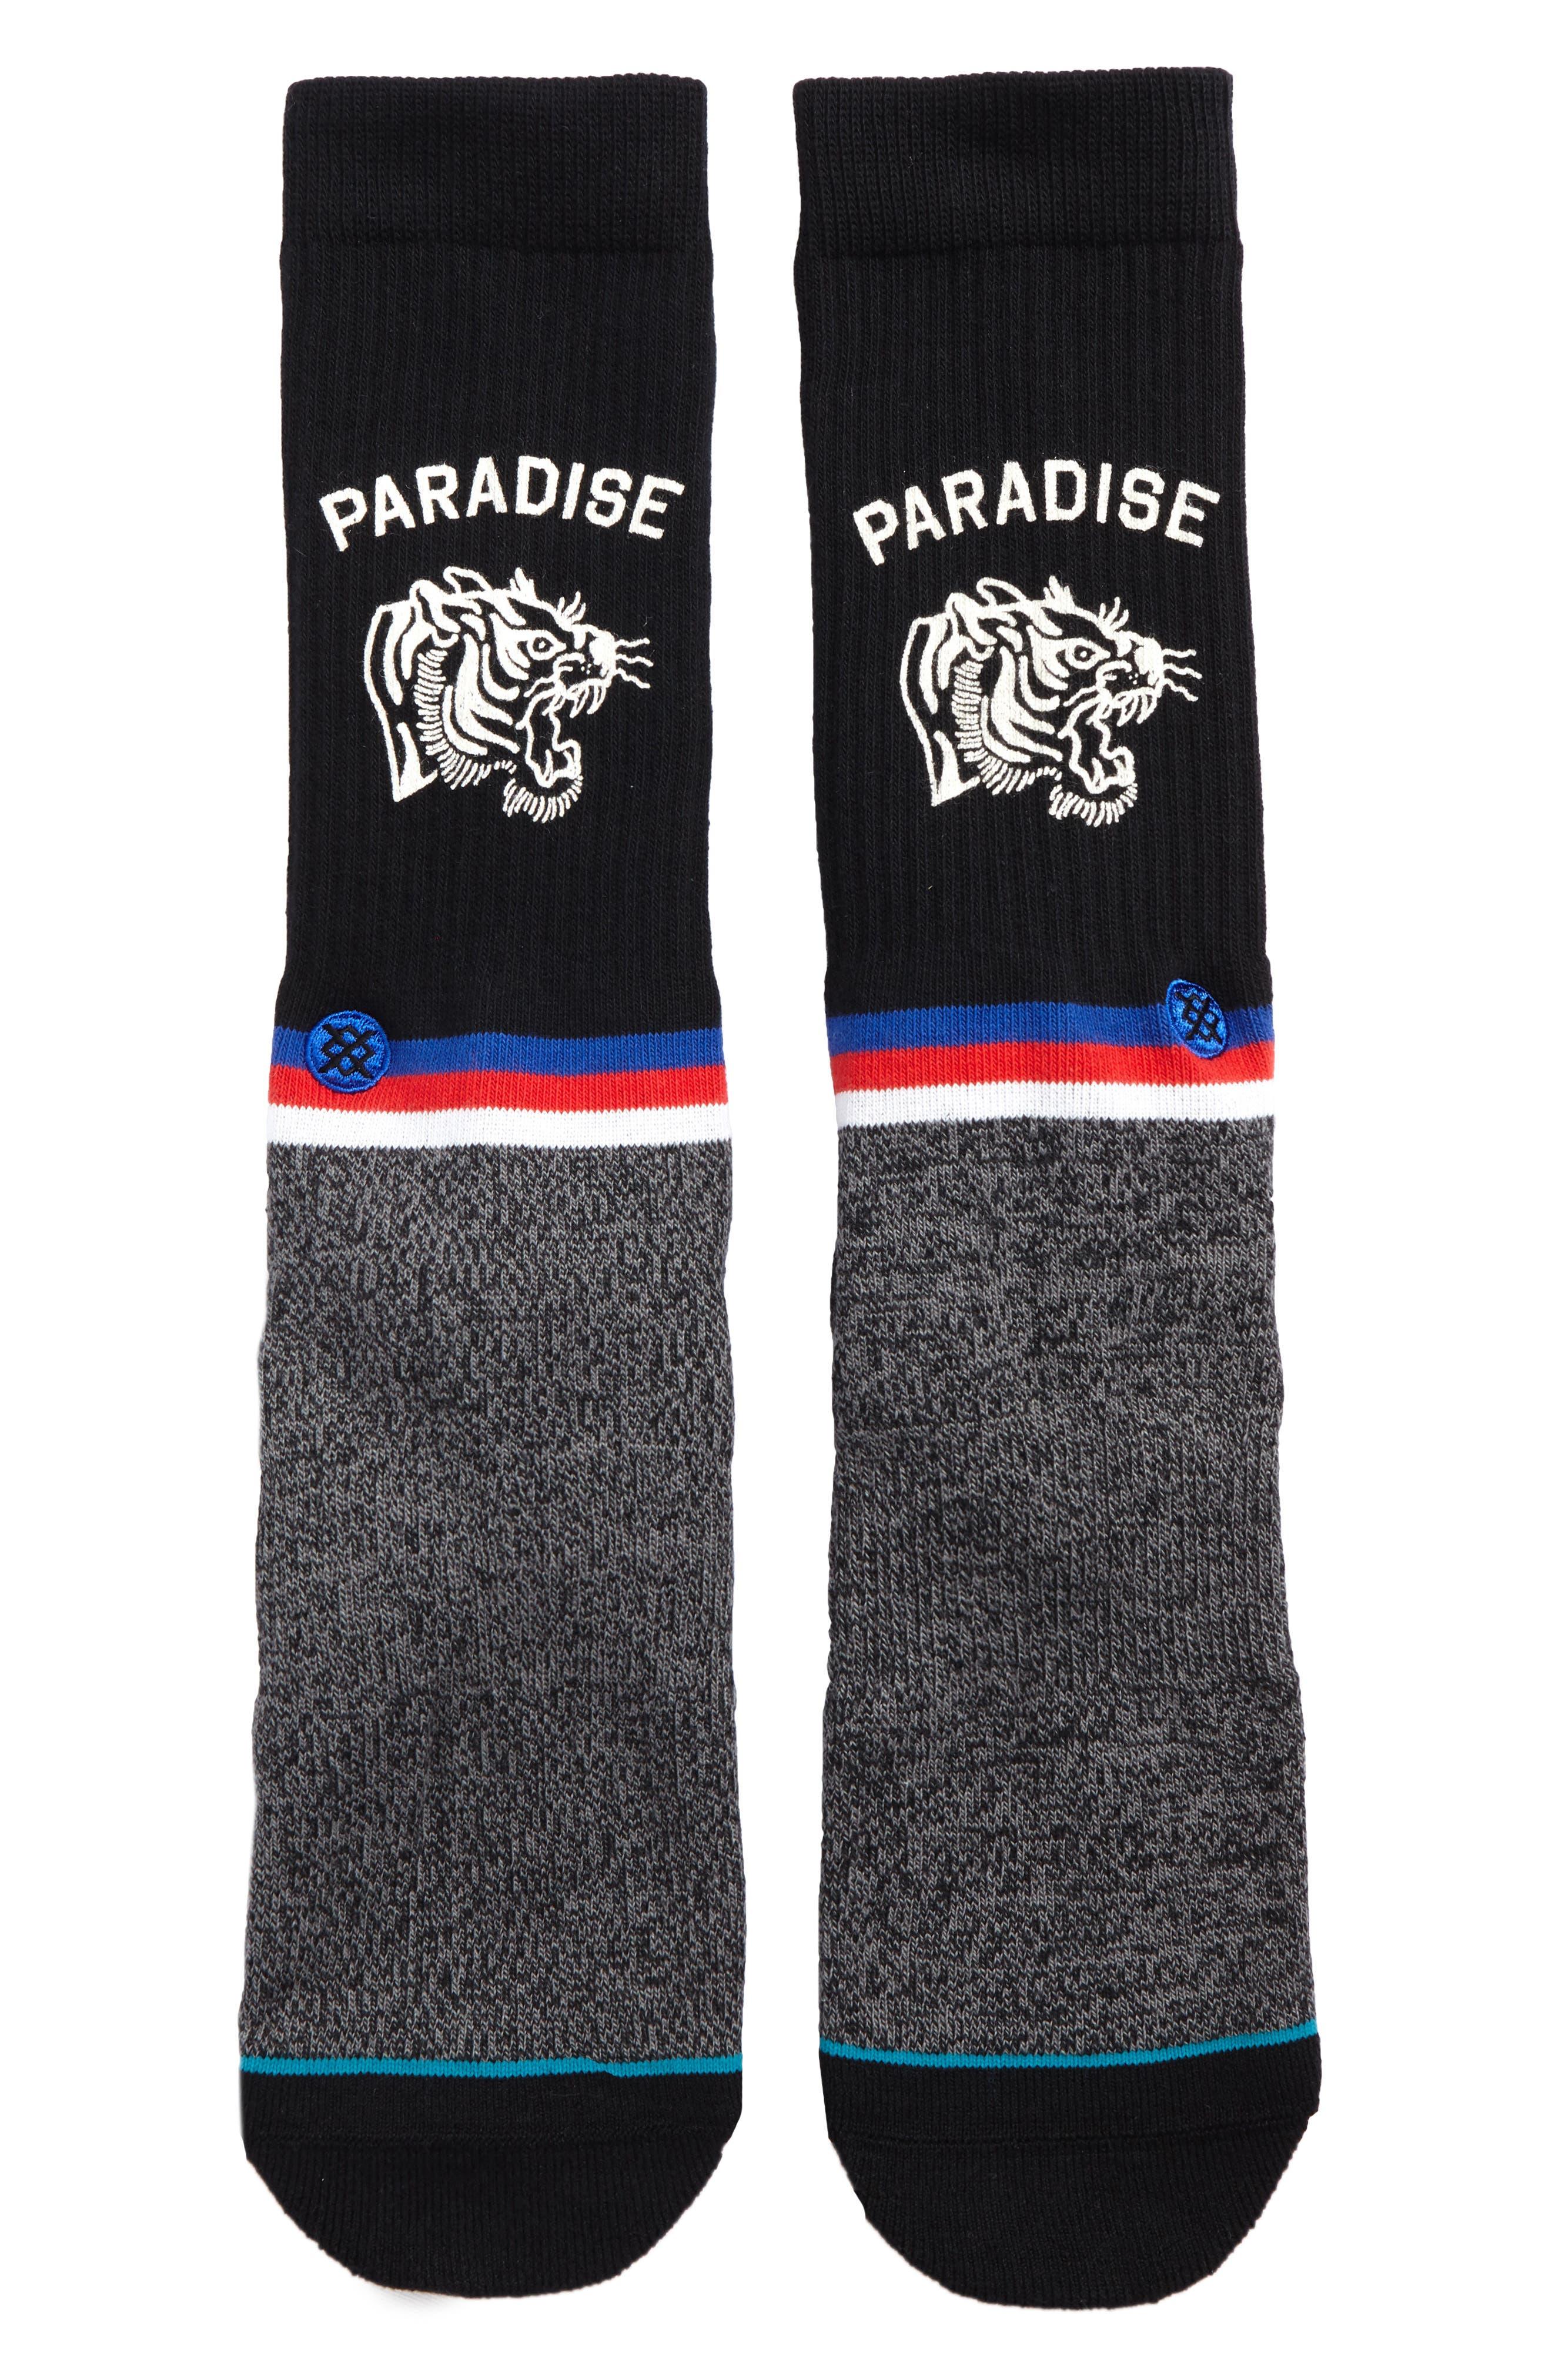 Paradise Socks,                             Alternate thumbnail 2, color,                             001